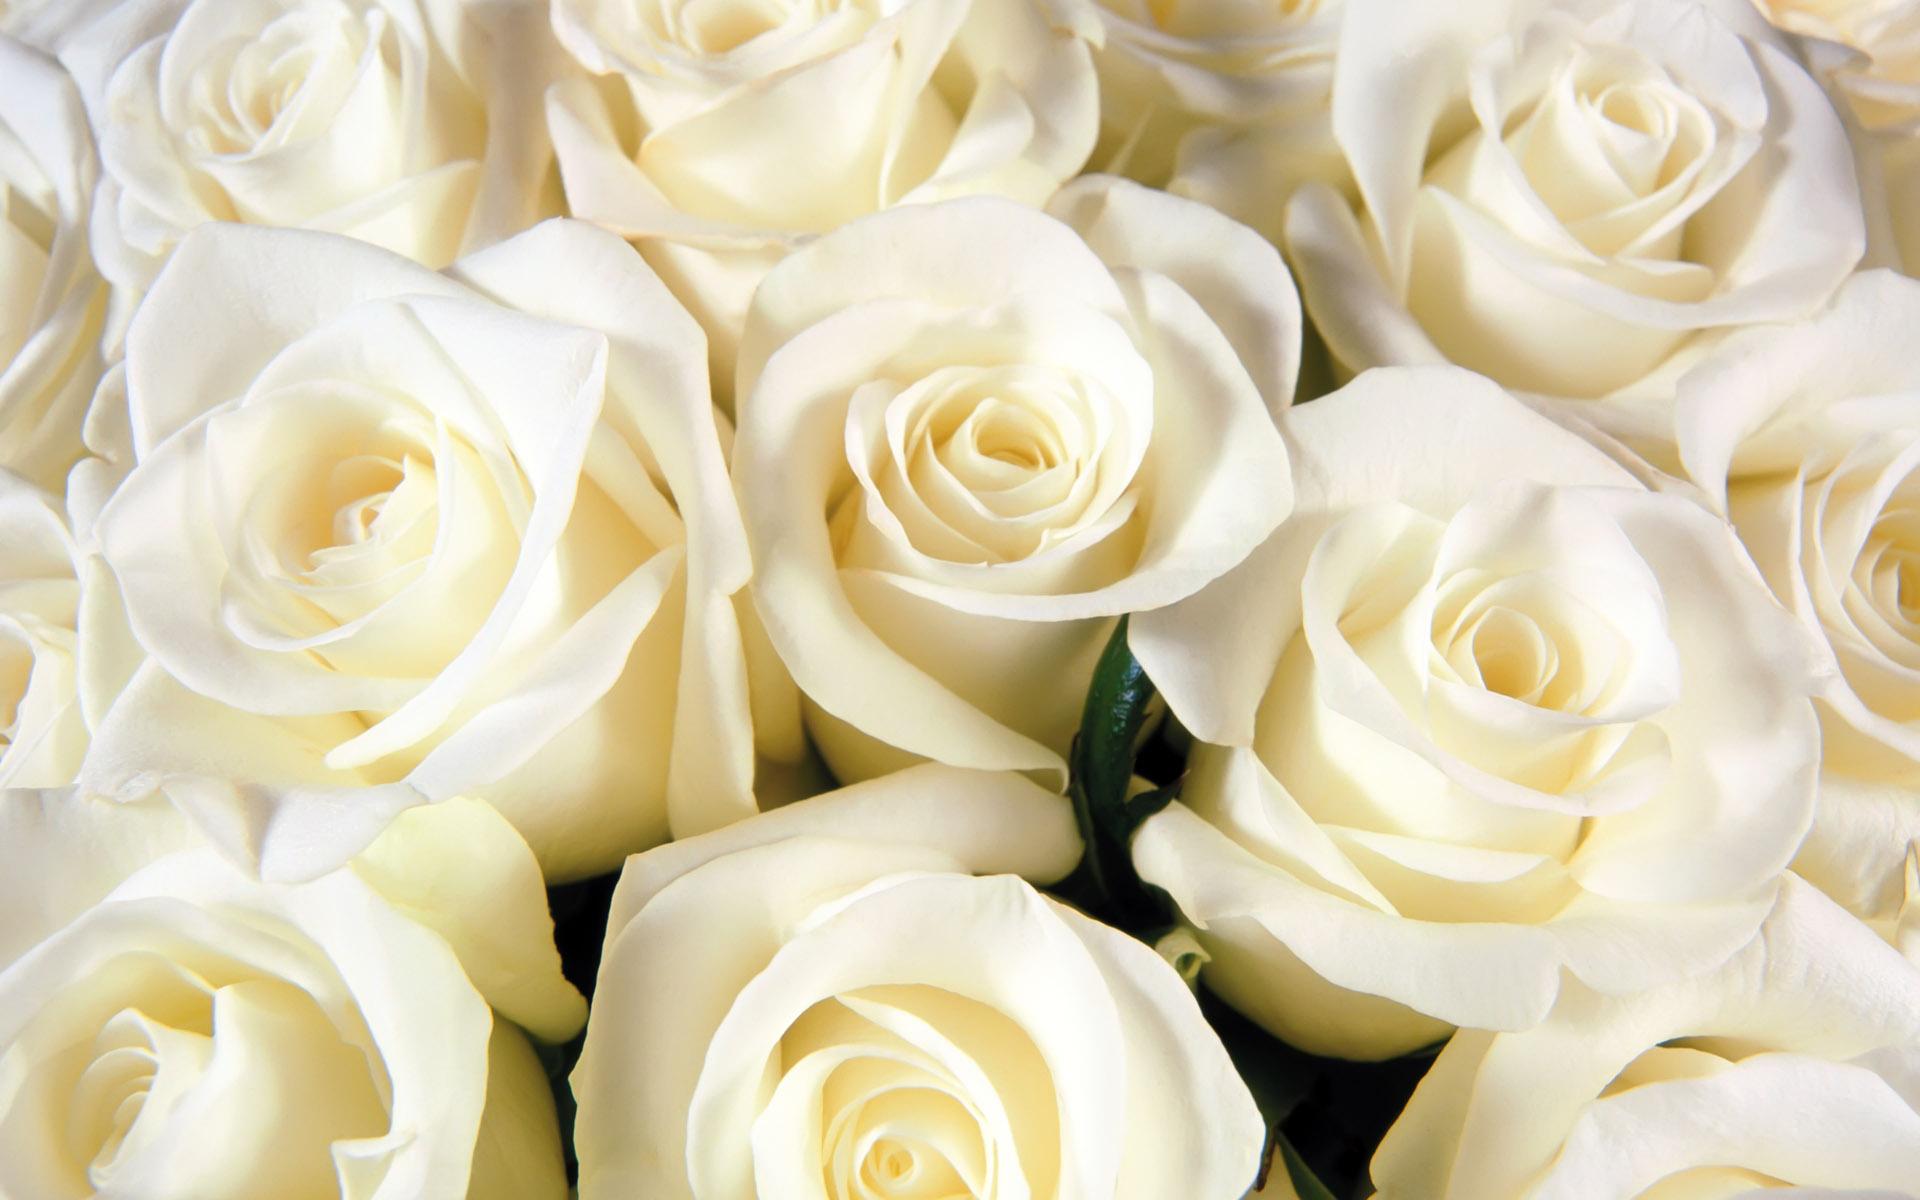 بالصور بوكيه ورد ابيض , اجمل باقات الورد الابيض 3661 10